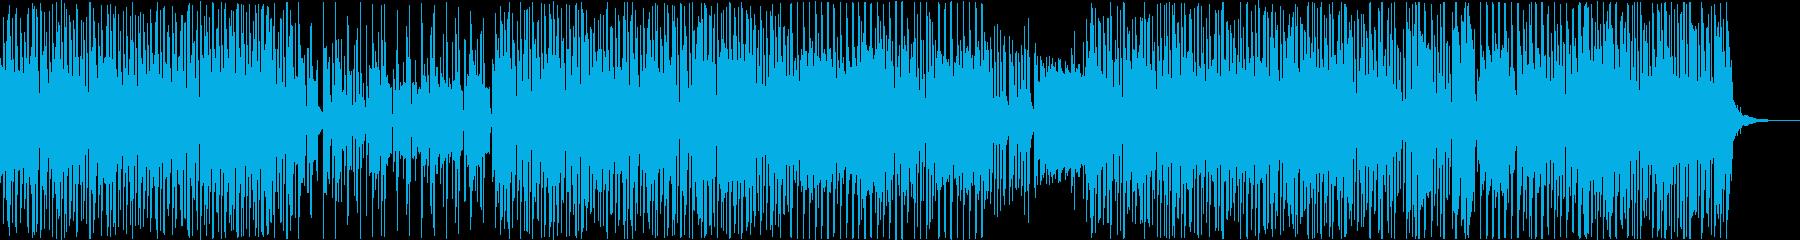 モーツァルト ソナチネ エレクトリカルの再生済みの波形